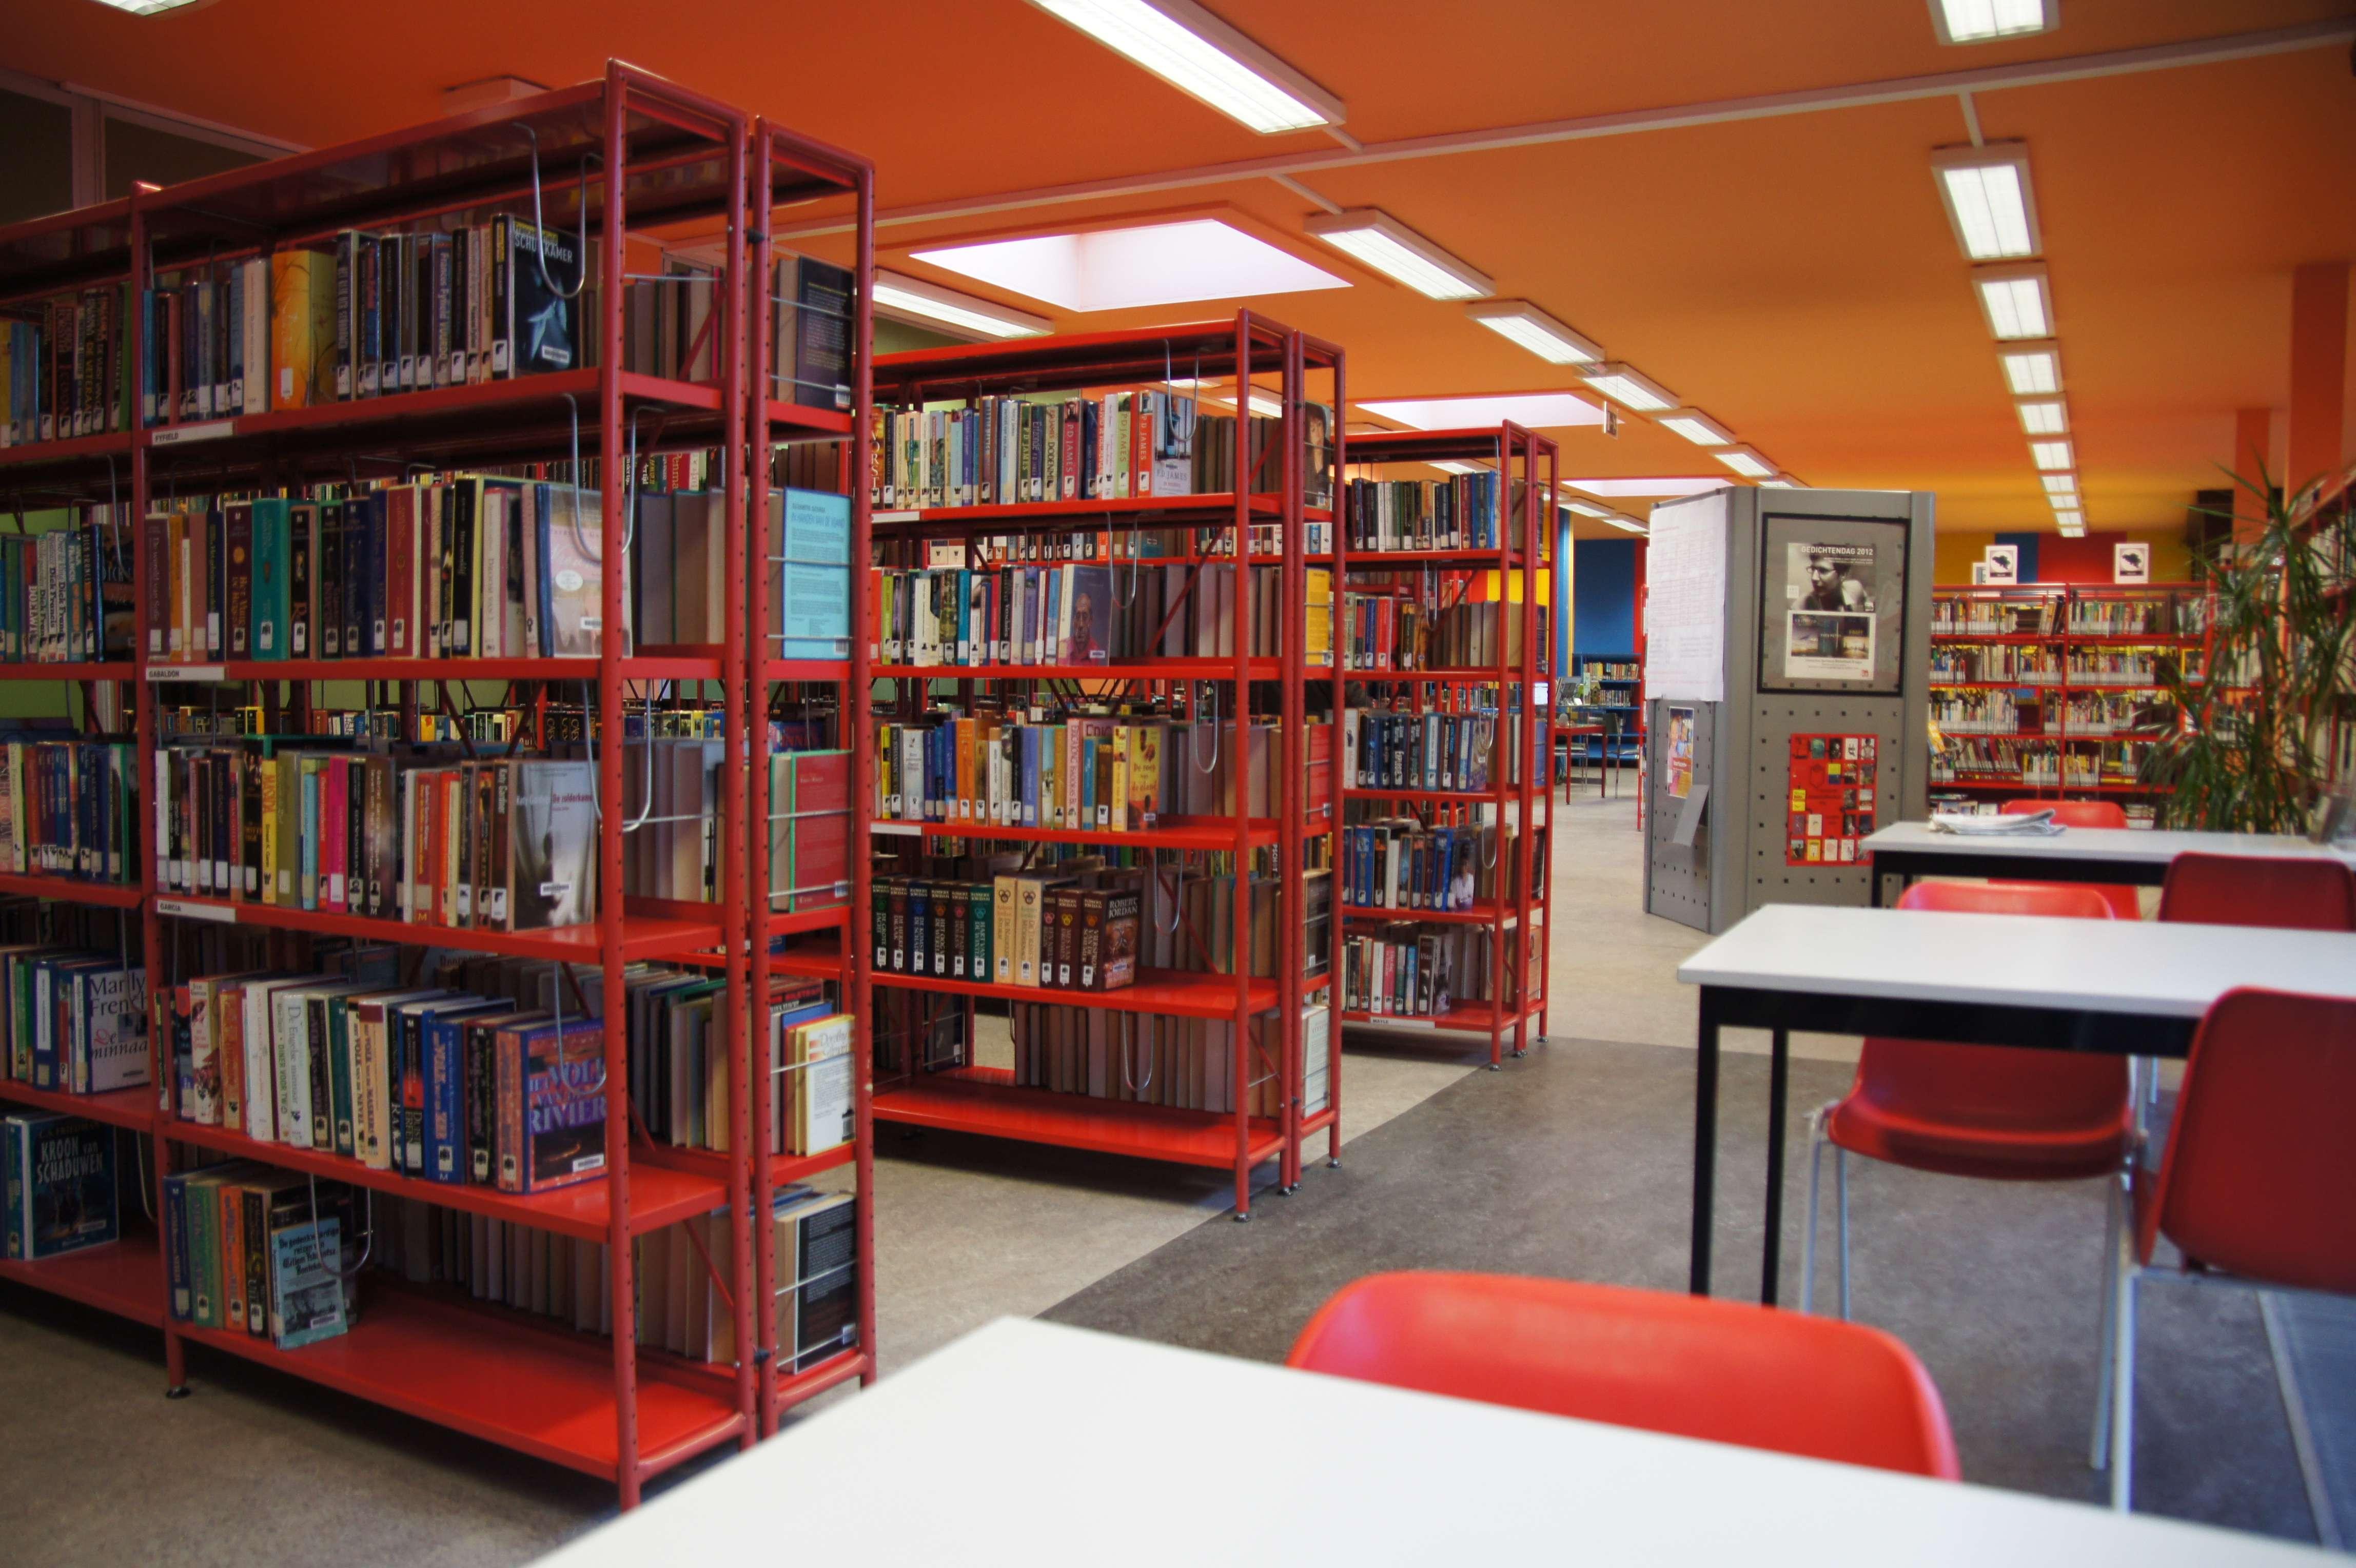 Bibliotheekvisie gewoon lokaal gewoon lokaal - Idee bibliotheek ...